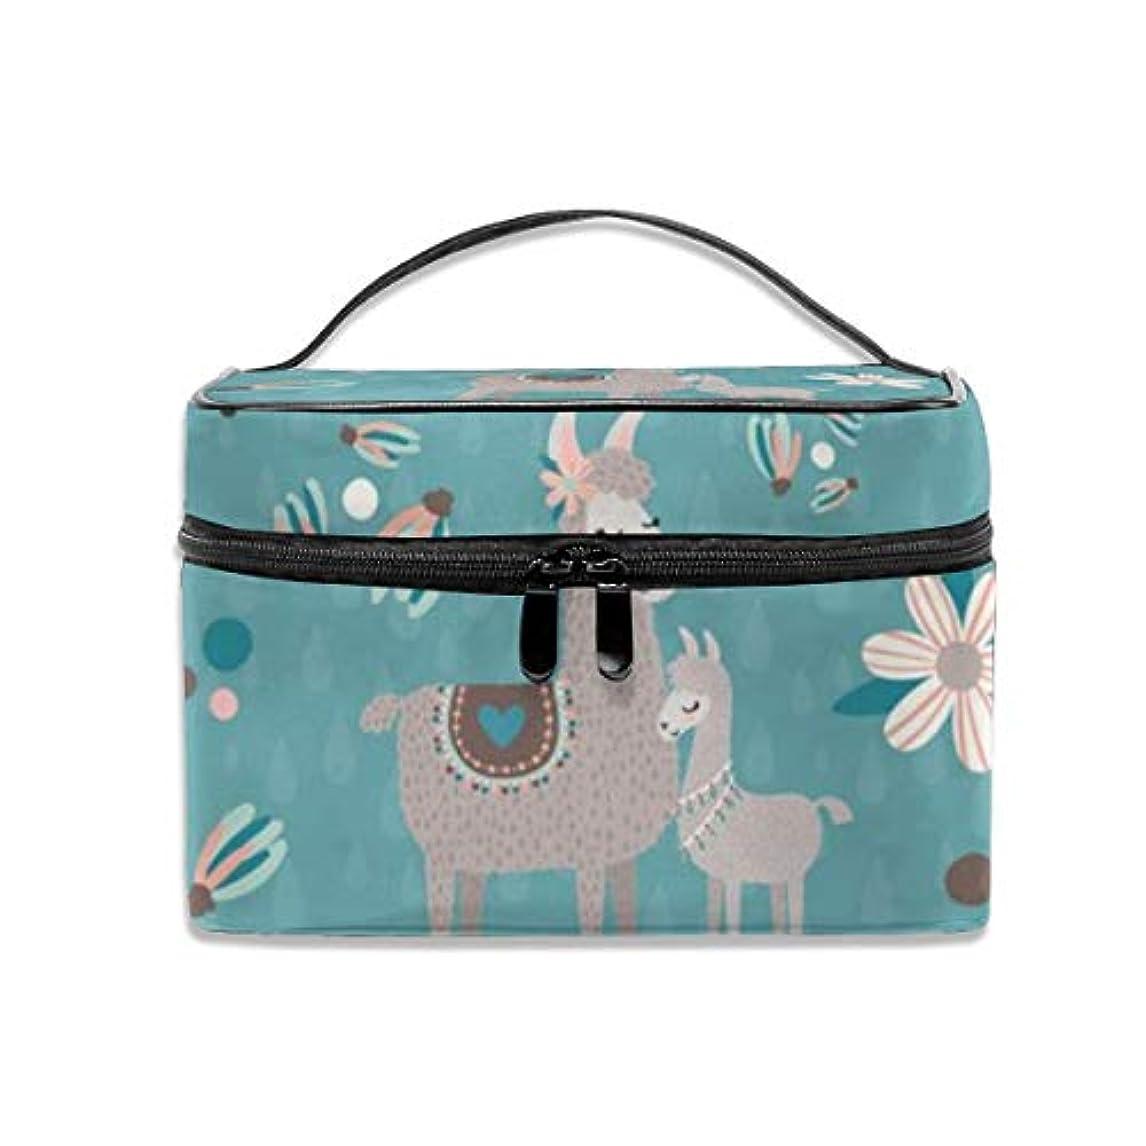 コードレス乳白唯一アルパカの親子 化粧ポーチ 化粧品バッグ 化粧品収納バッグ 収納バッグ 防水ウォッシュバッグ ポータブル 持ち運び便利 大容量 軽量 ユニセックス 旅行する